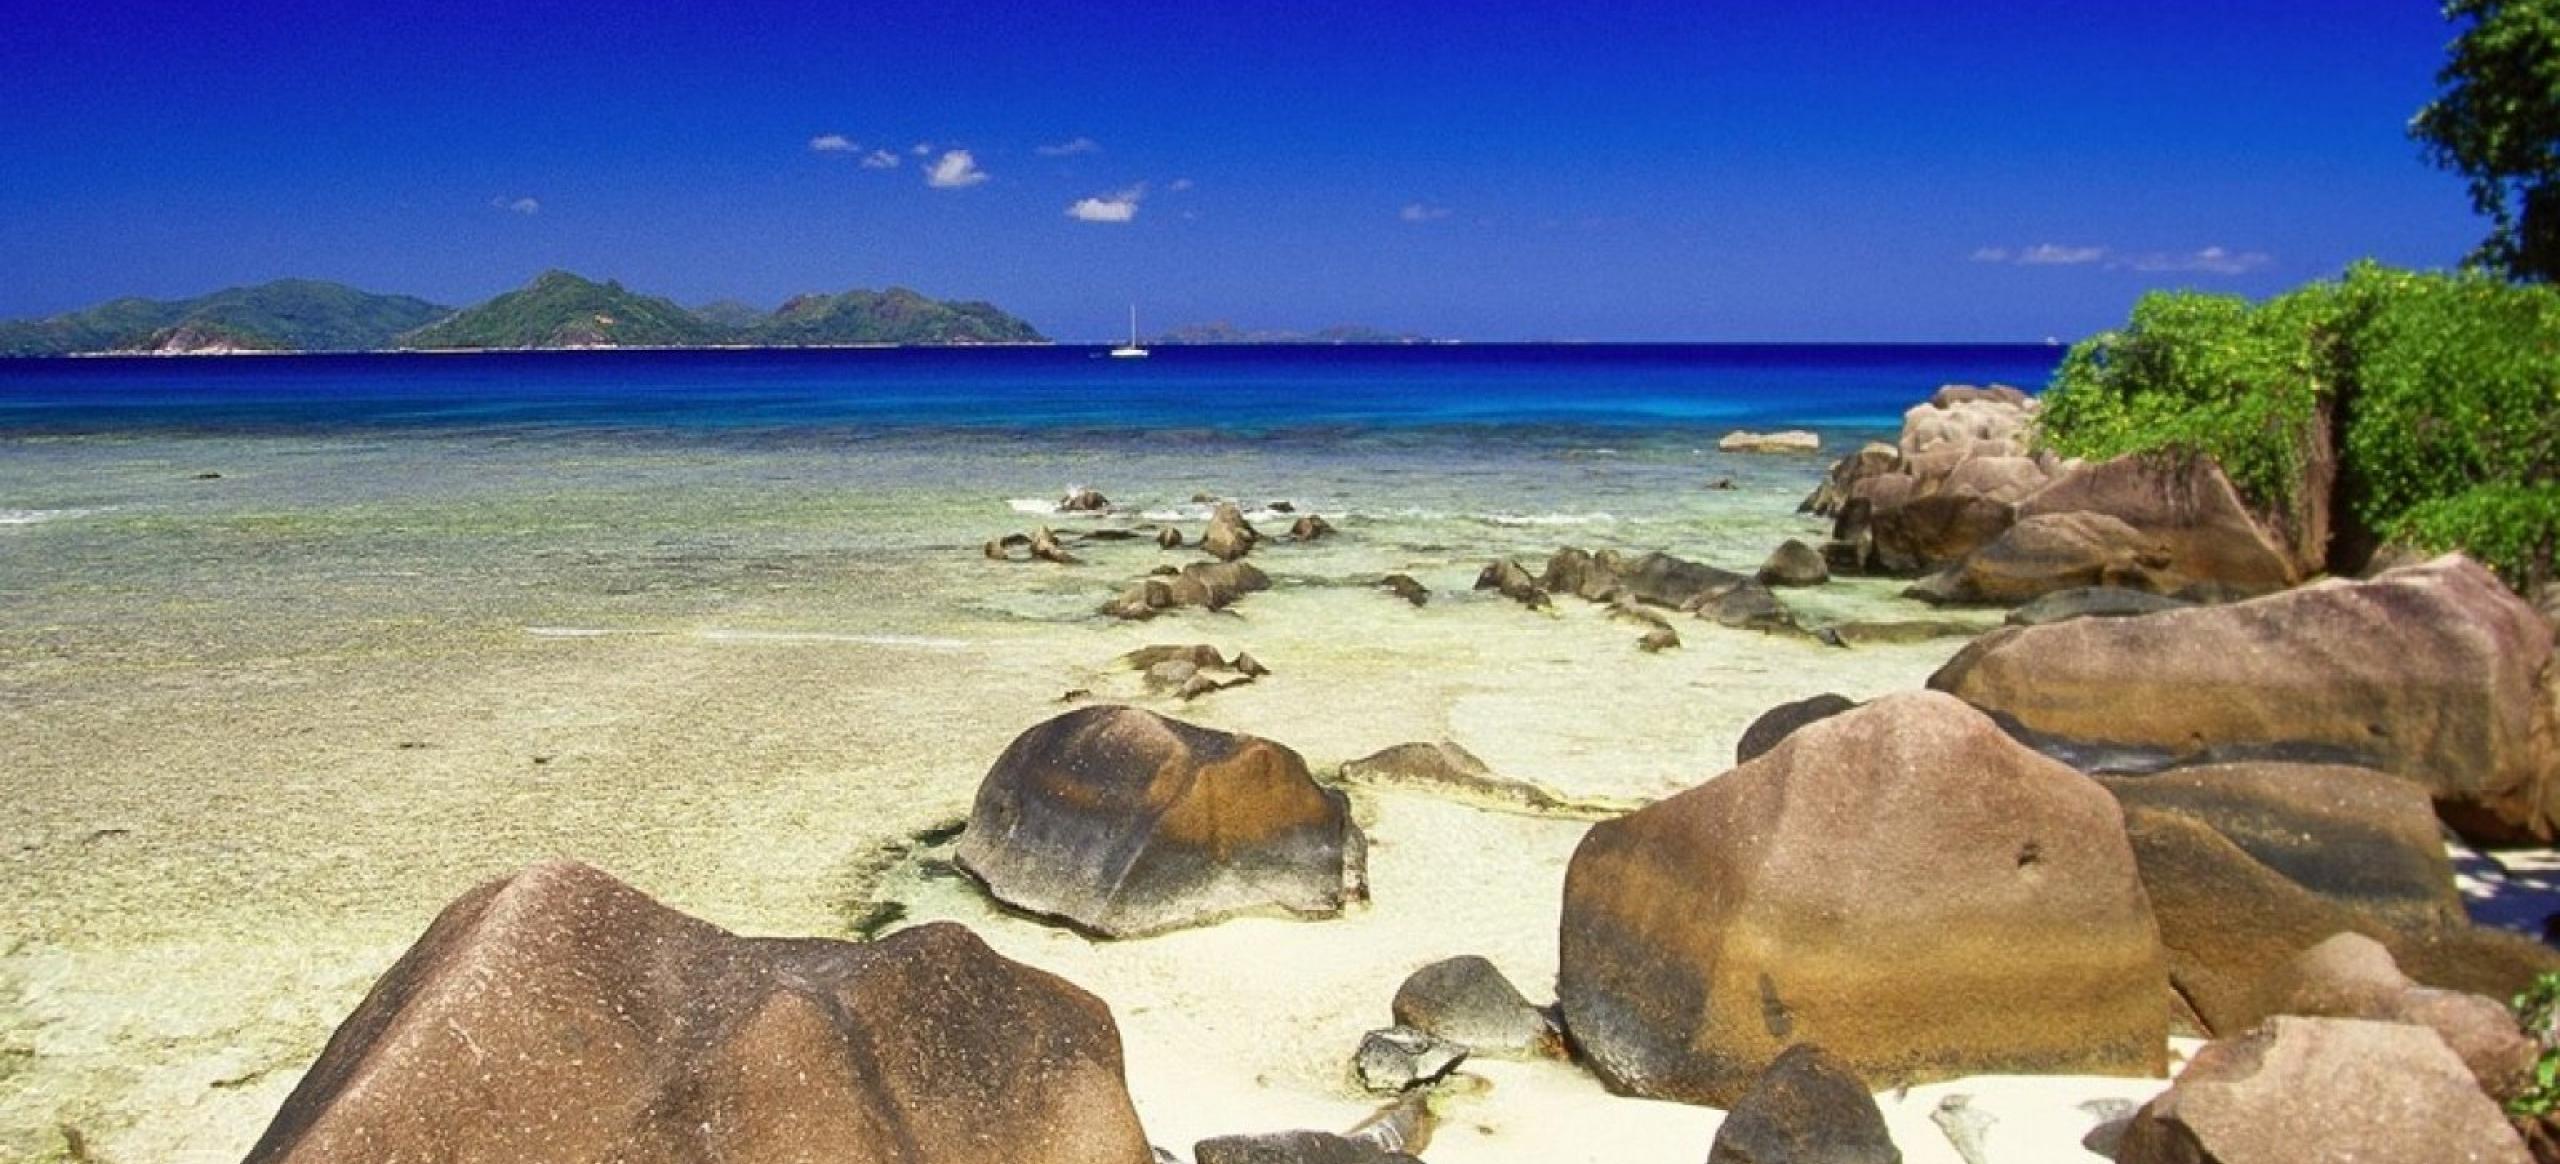 Big la digue island seychelles 1920x2560